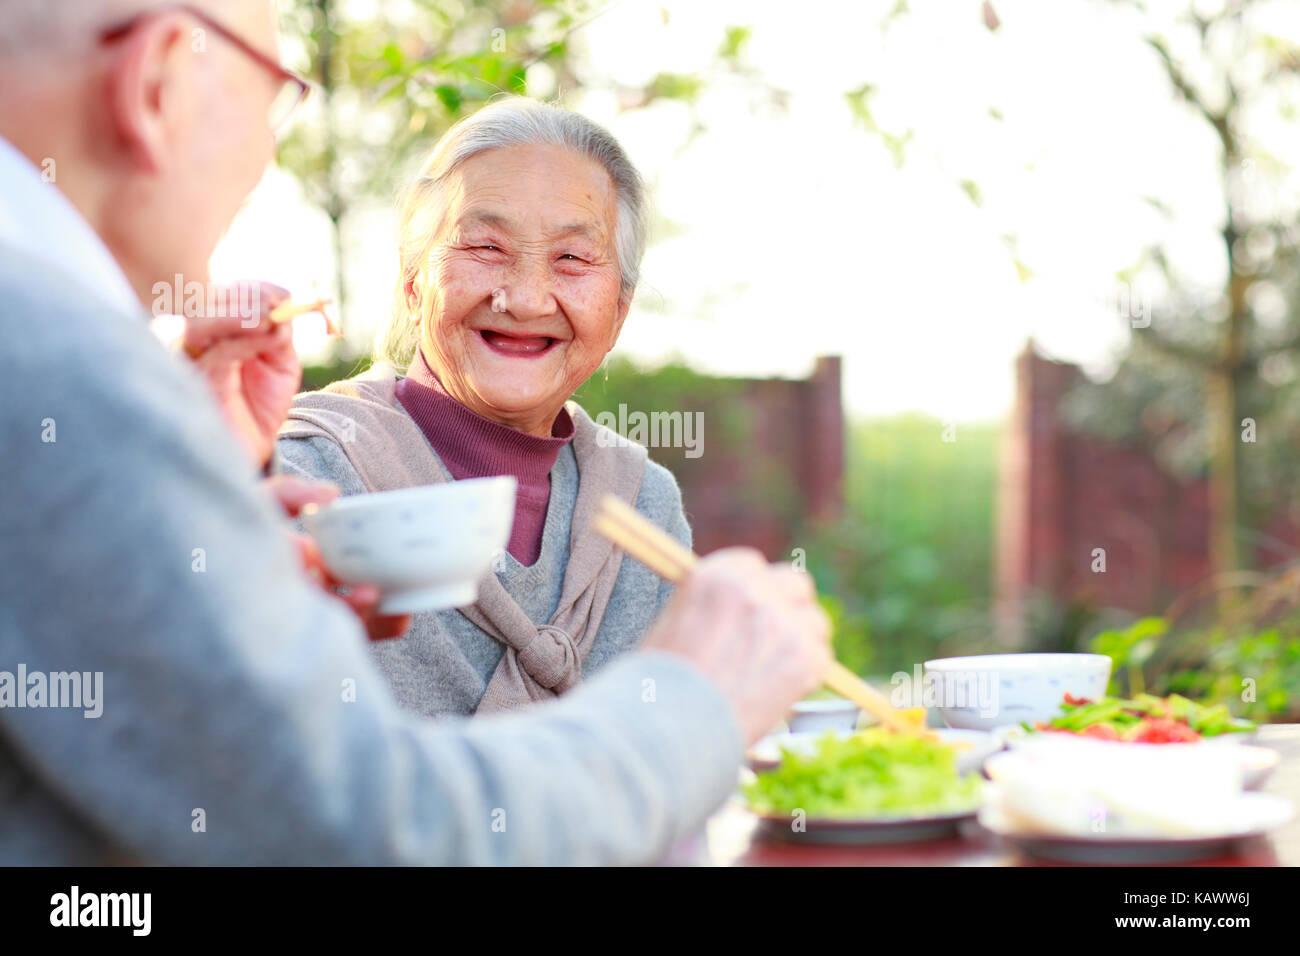 Heureux et en santé senior chinois manger dans le jardin Photo Stock